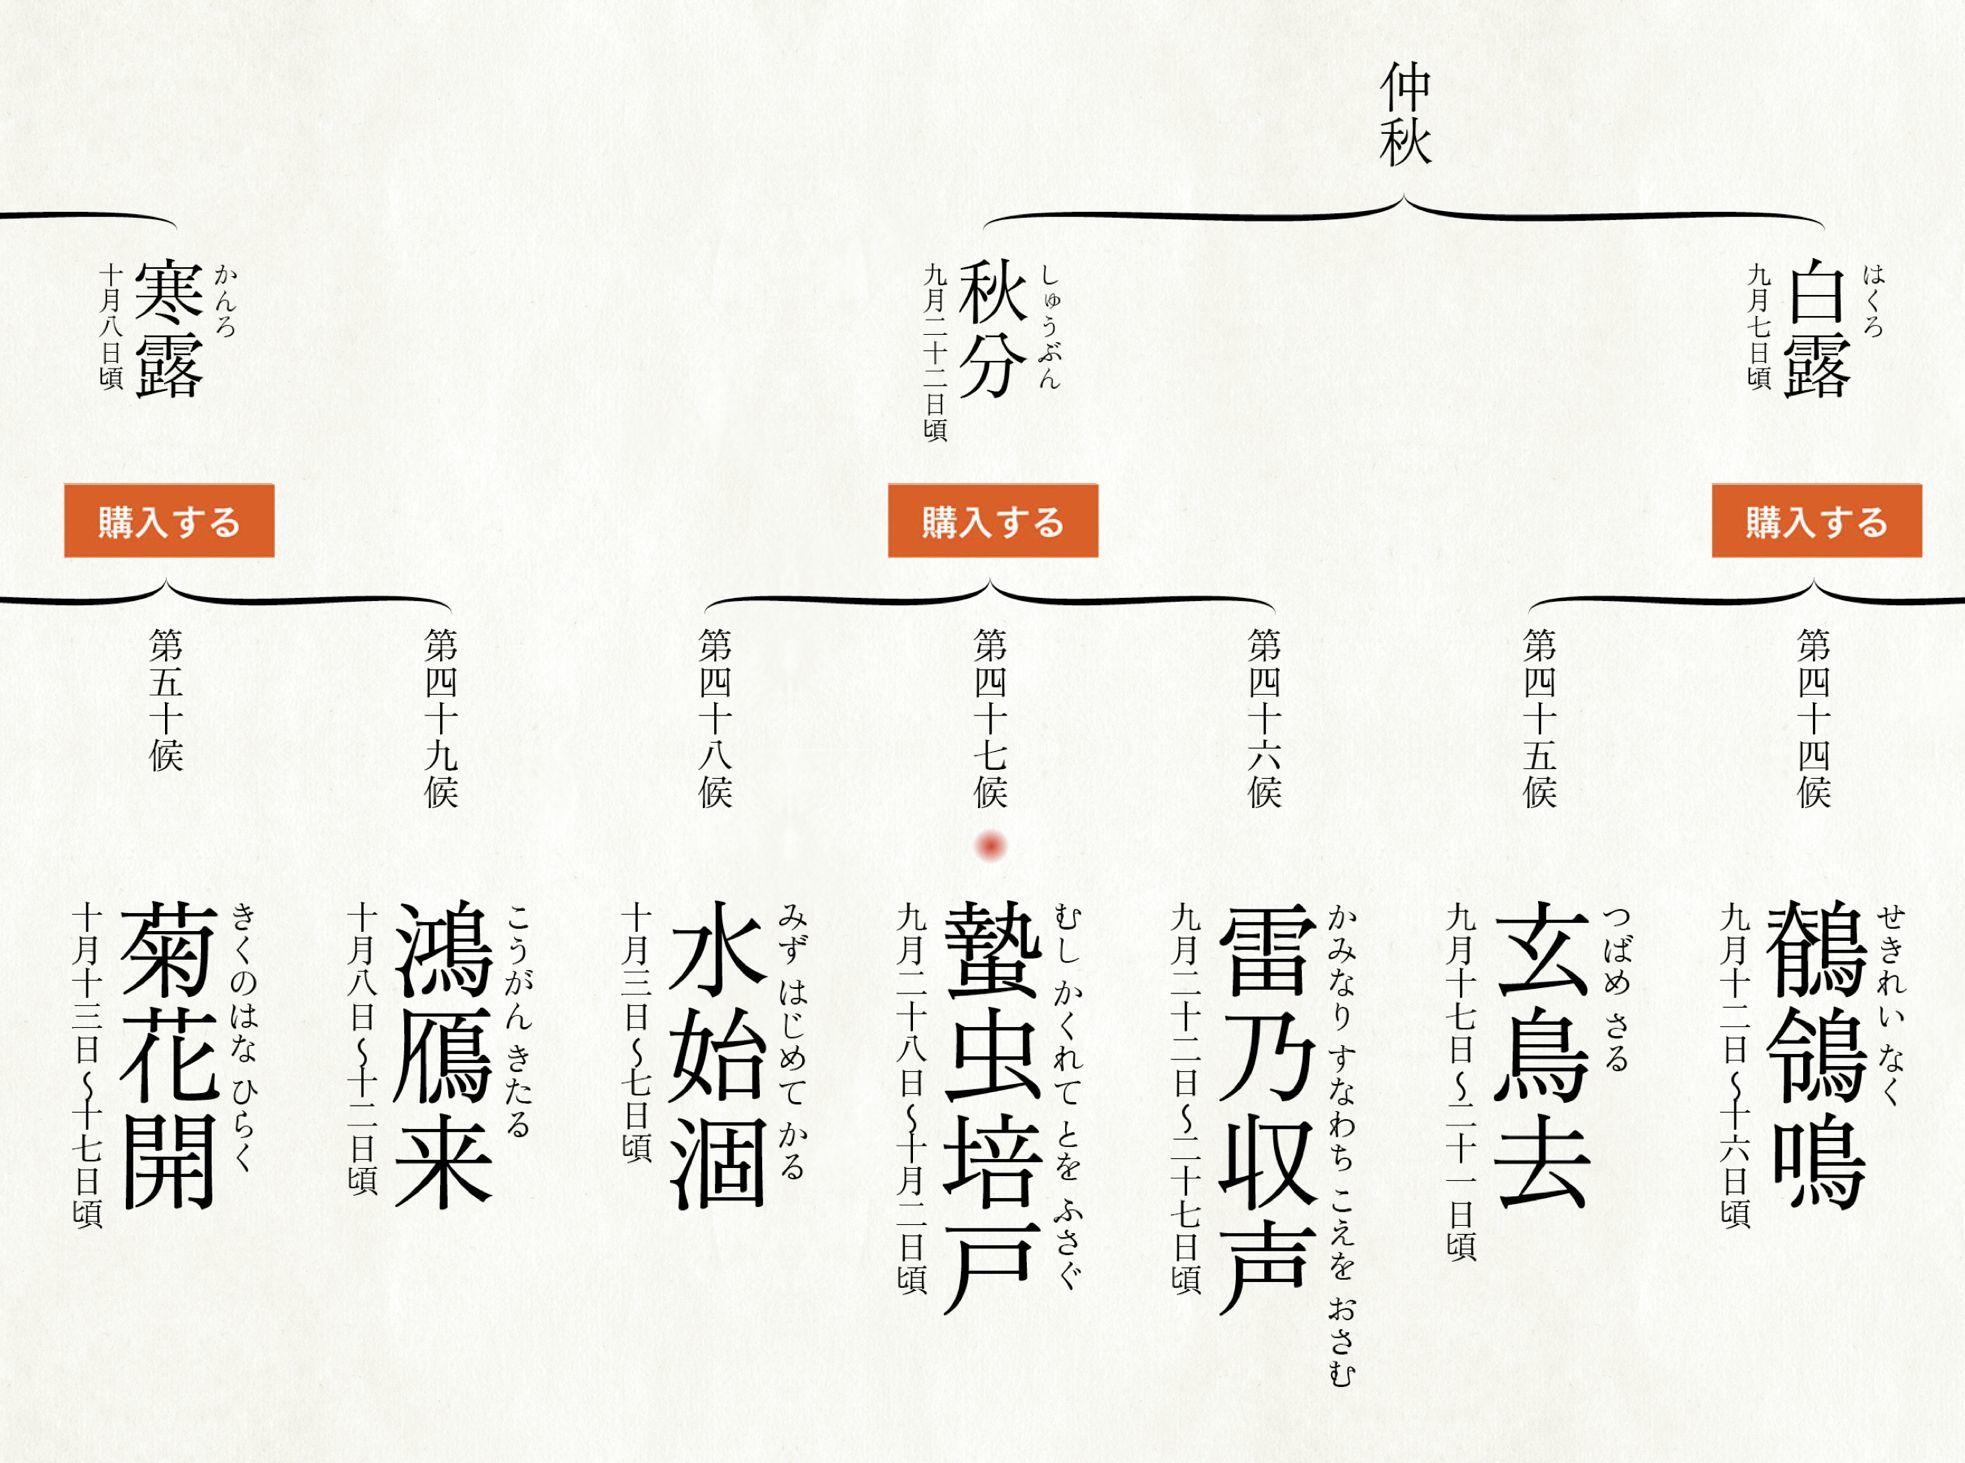 伊藤若冲 花鳥版画_c0025115_21374880.jpg